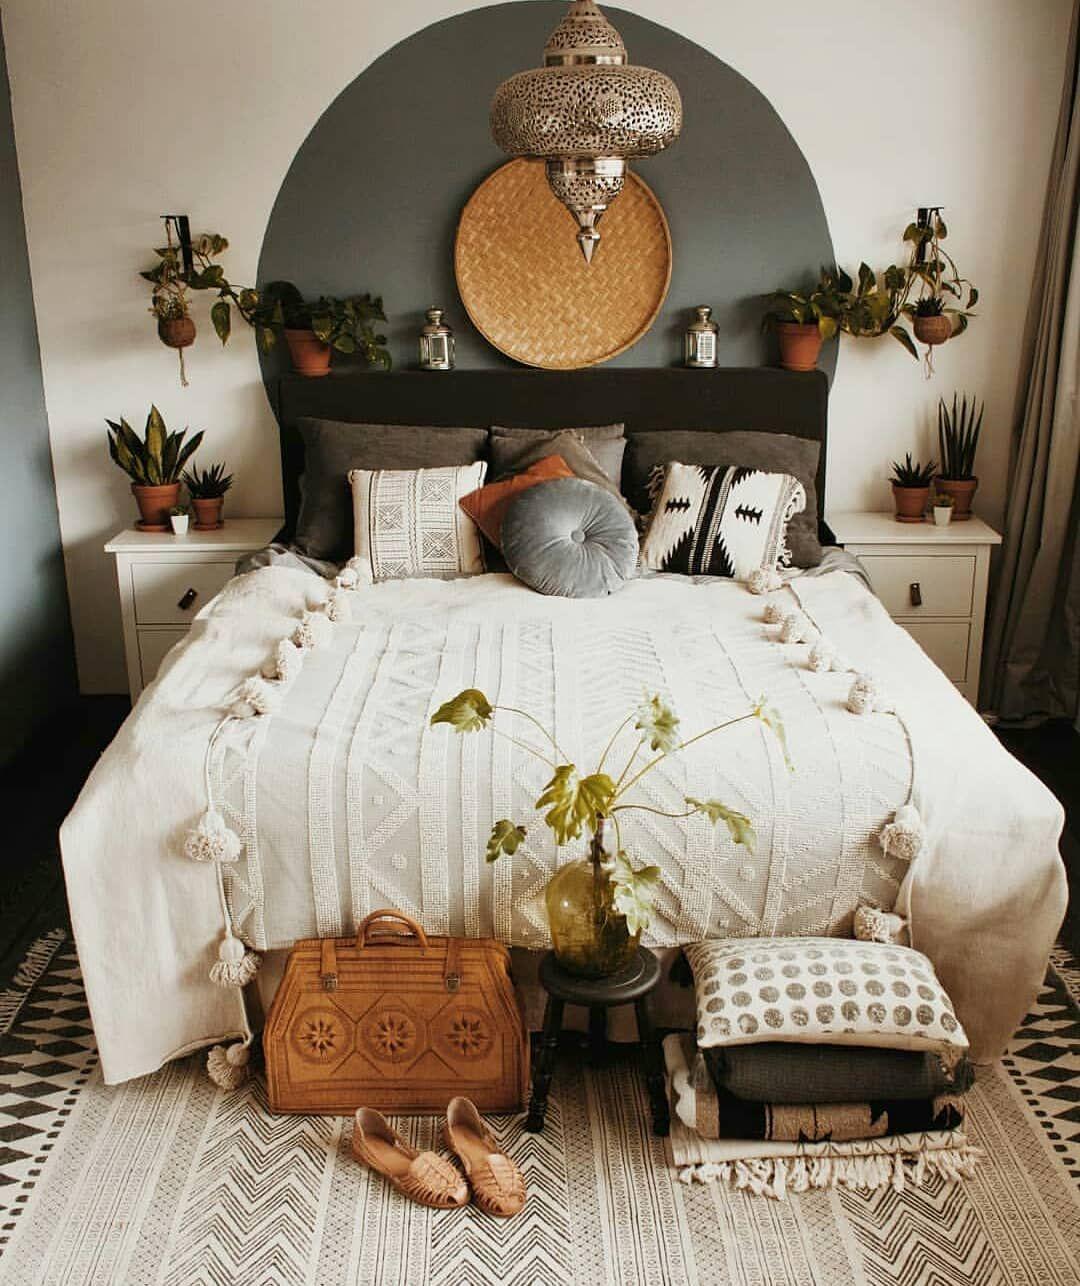 Like The Painted Circle Backboard Minimalist Bedroom Design